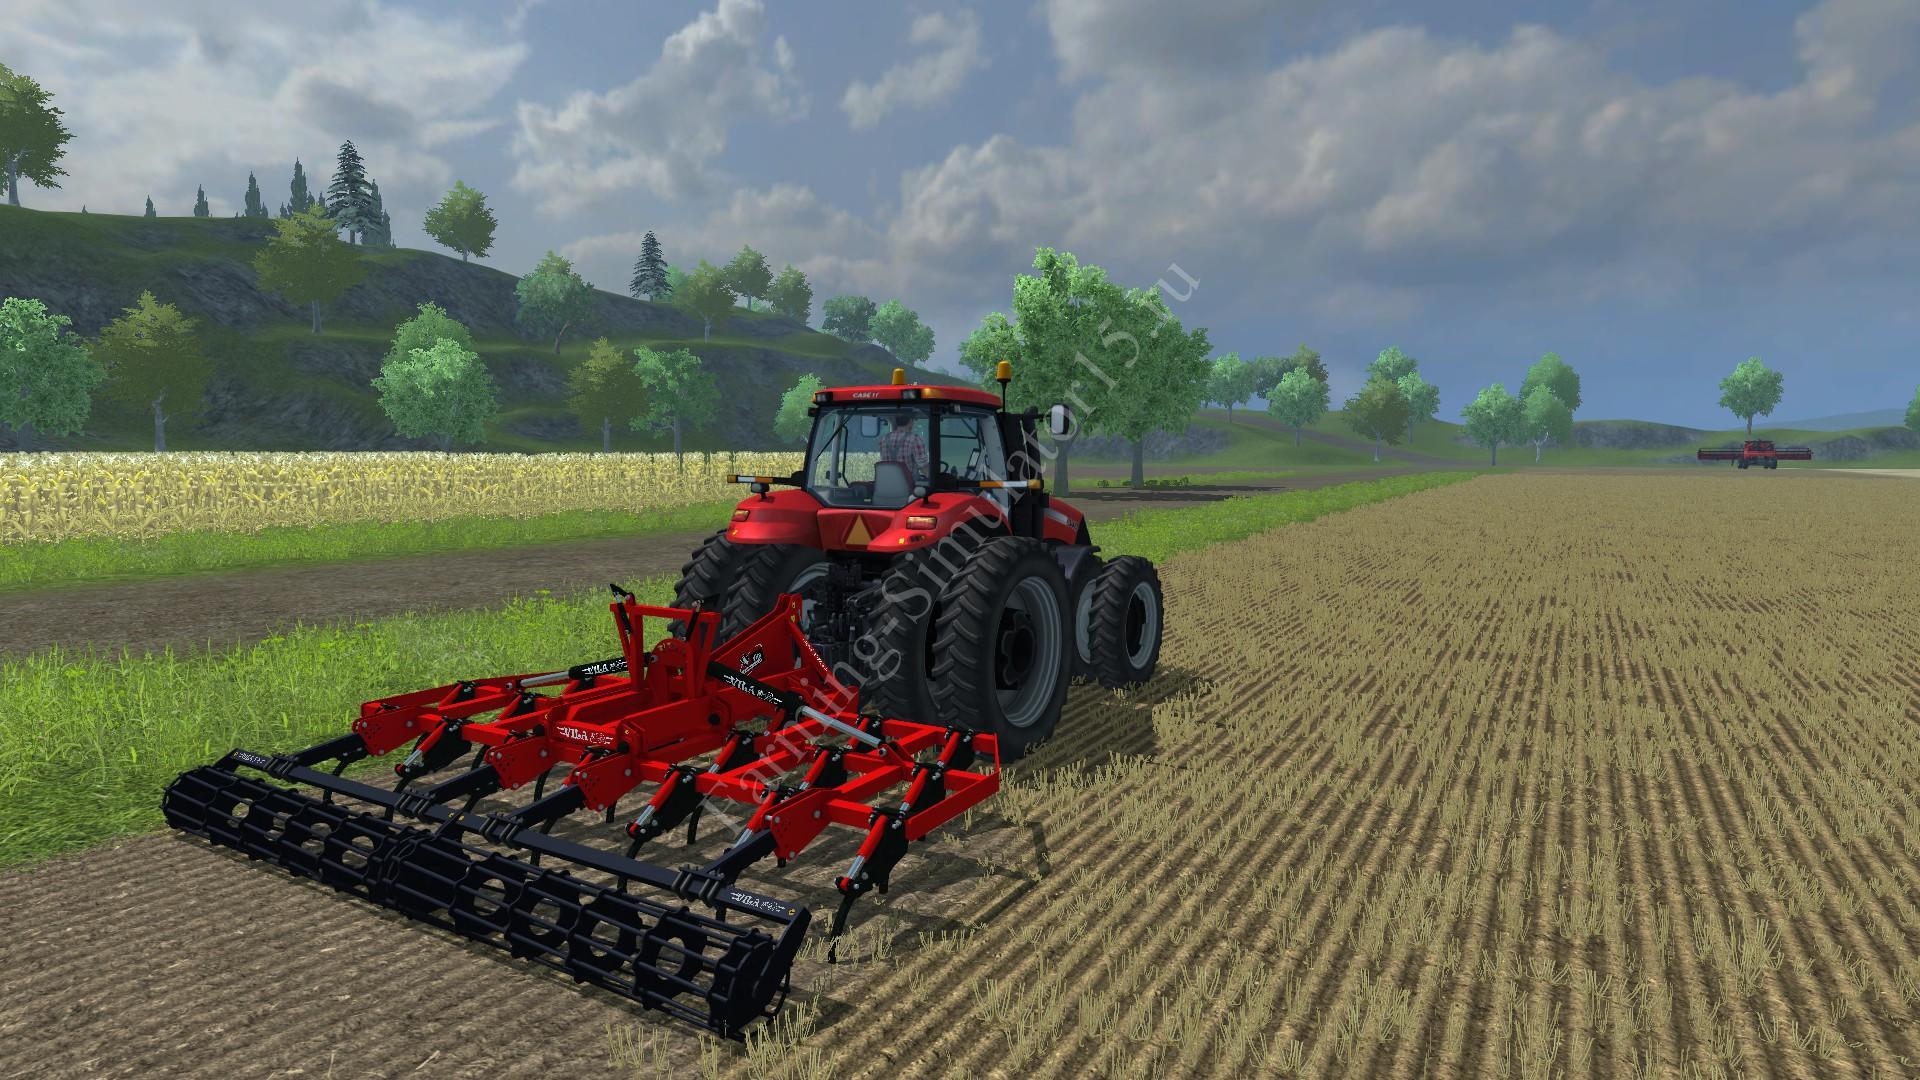 Мод культиватора Vila Chisel SXHV 20 v 1.5 Farming Simulator 2013, Farming Simulator 13